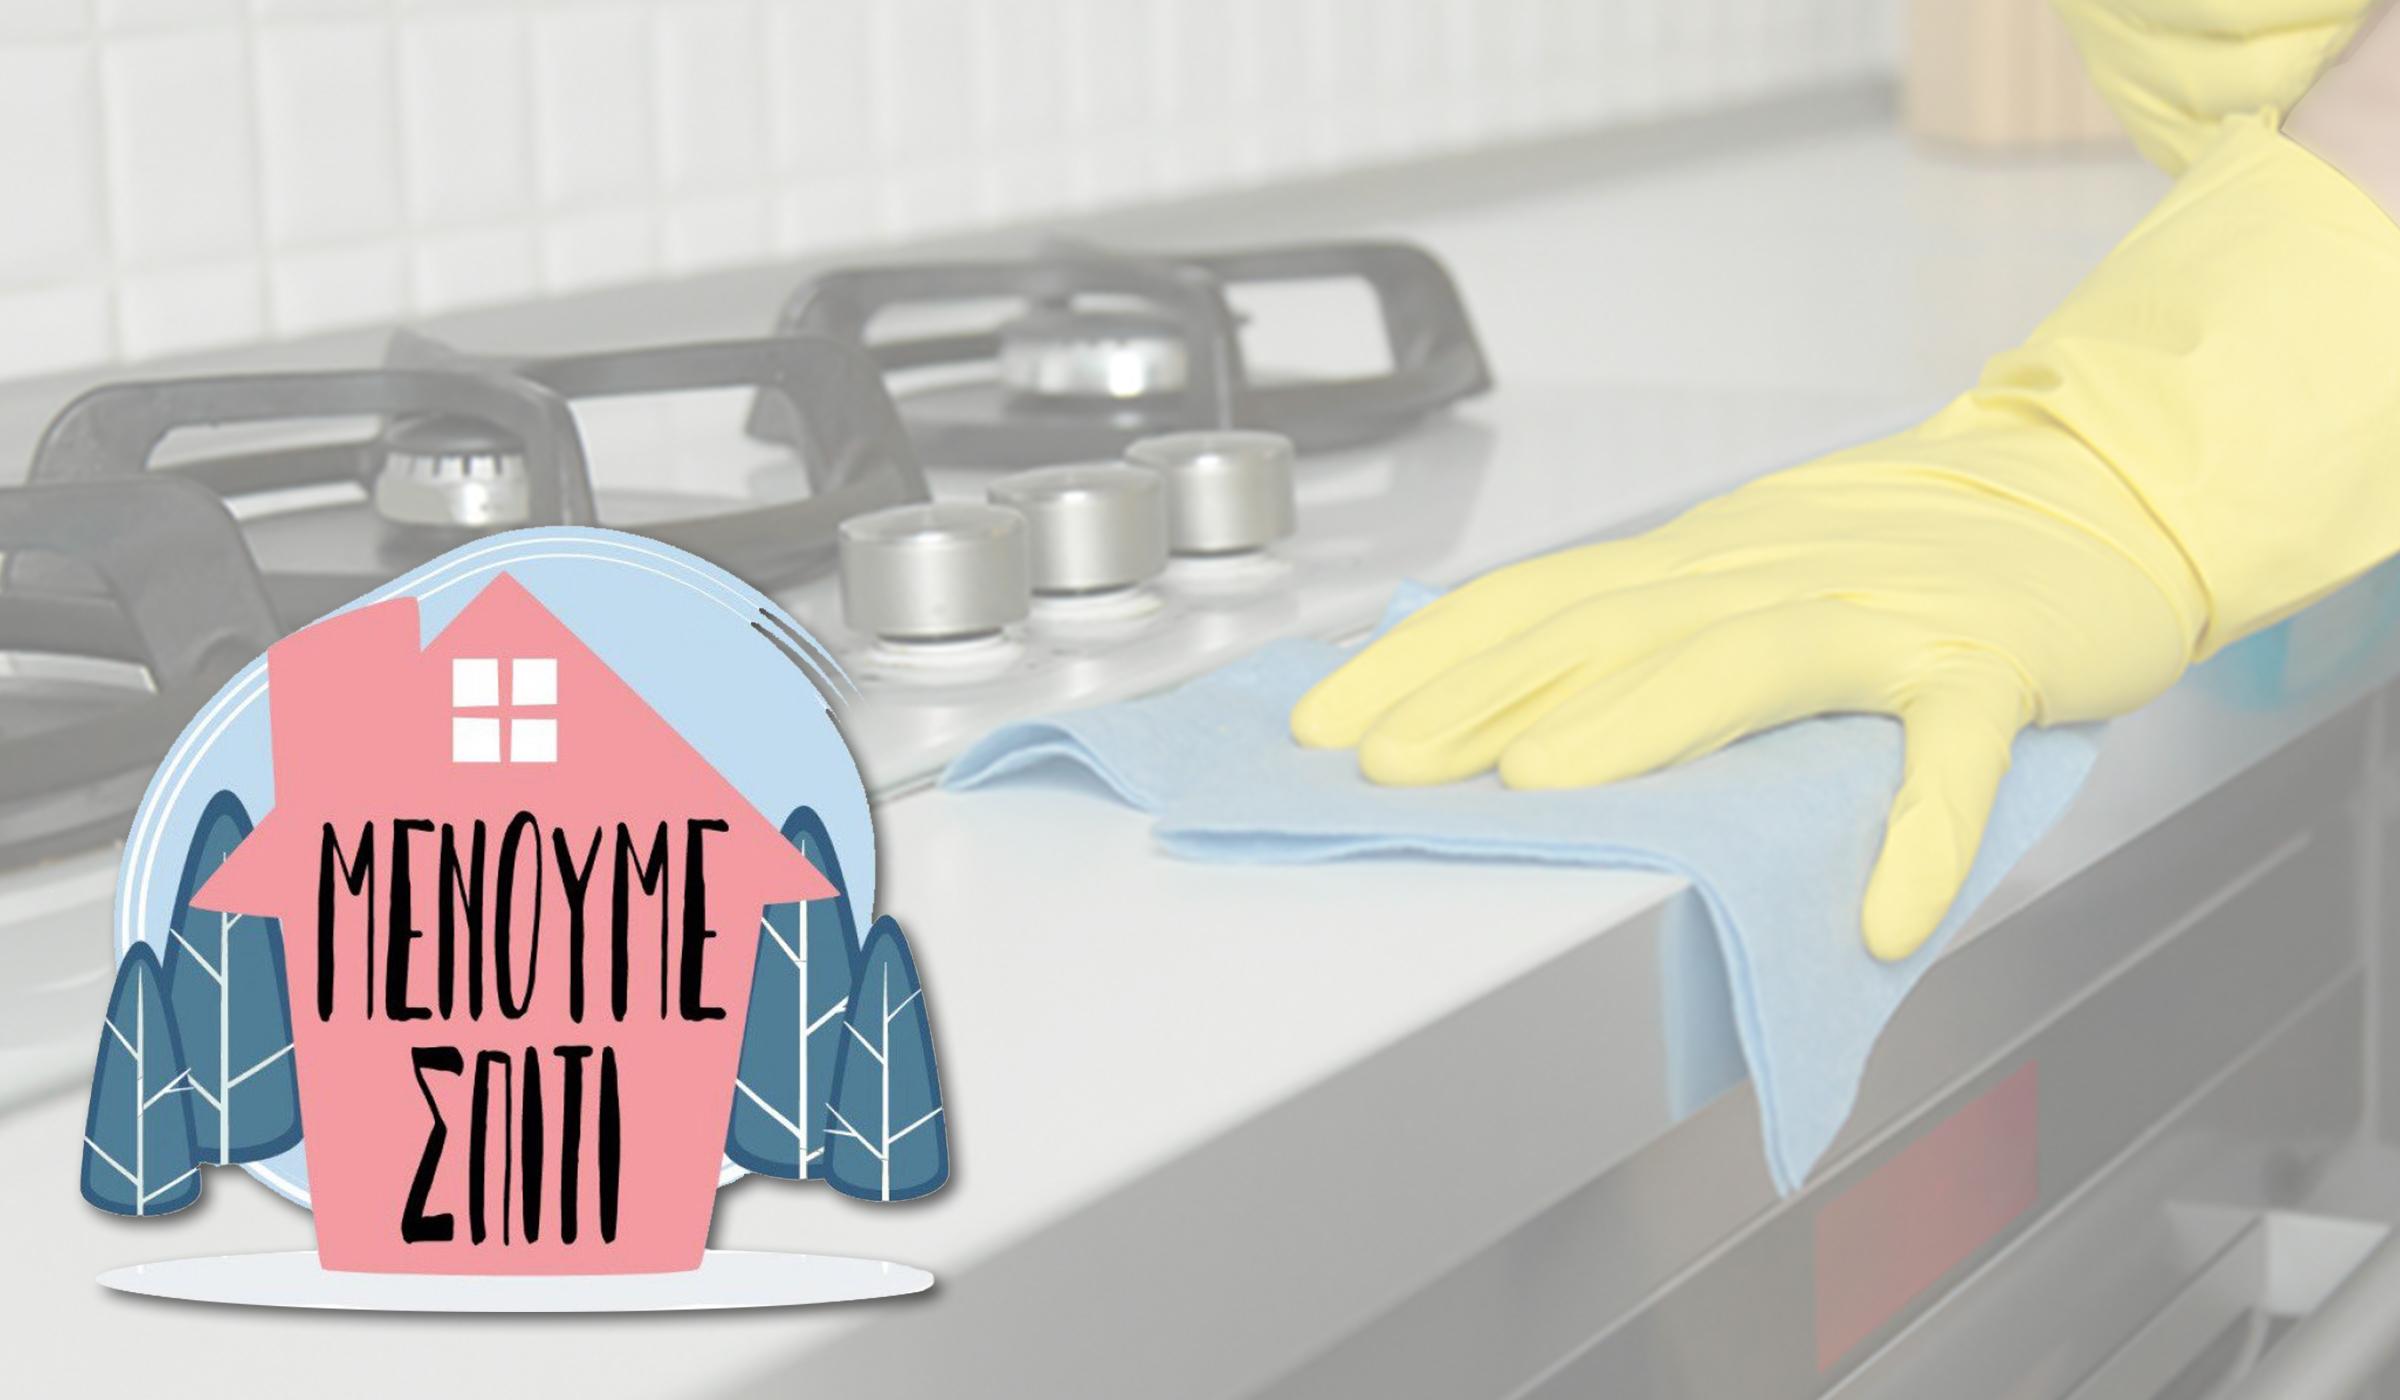 10 τρόποι για να μείνουμε ασφαλείς από τον κορονοϊό μέσα στο σπίτι μας – στο δικό μας καταφύγιο